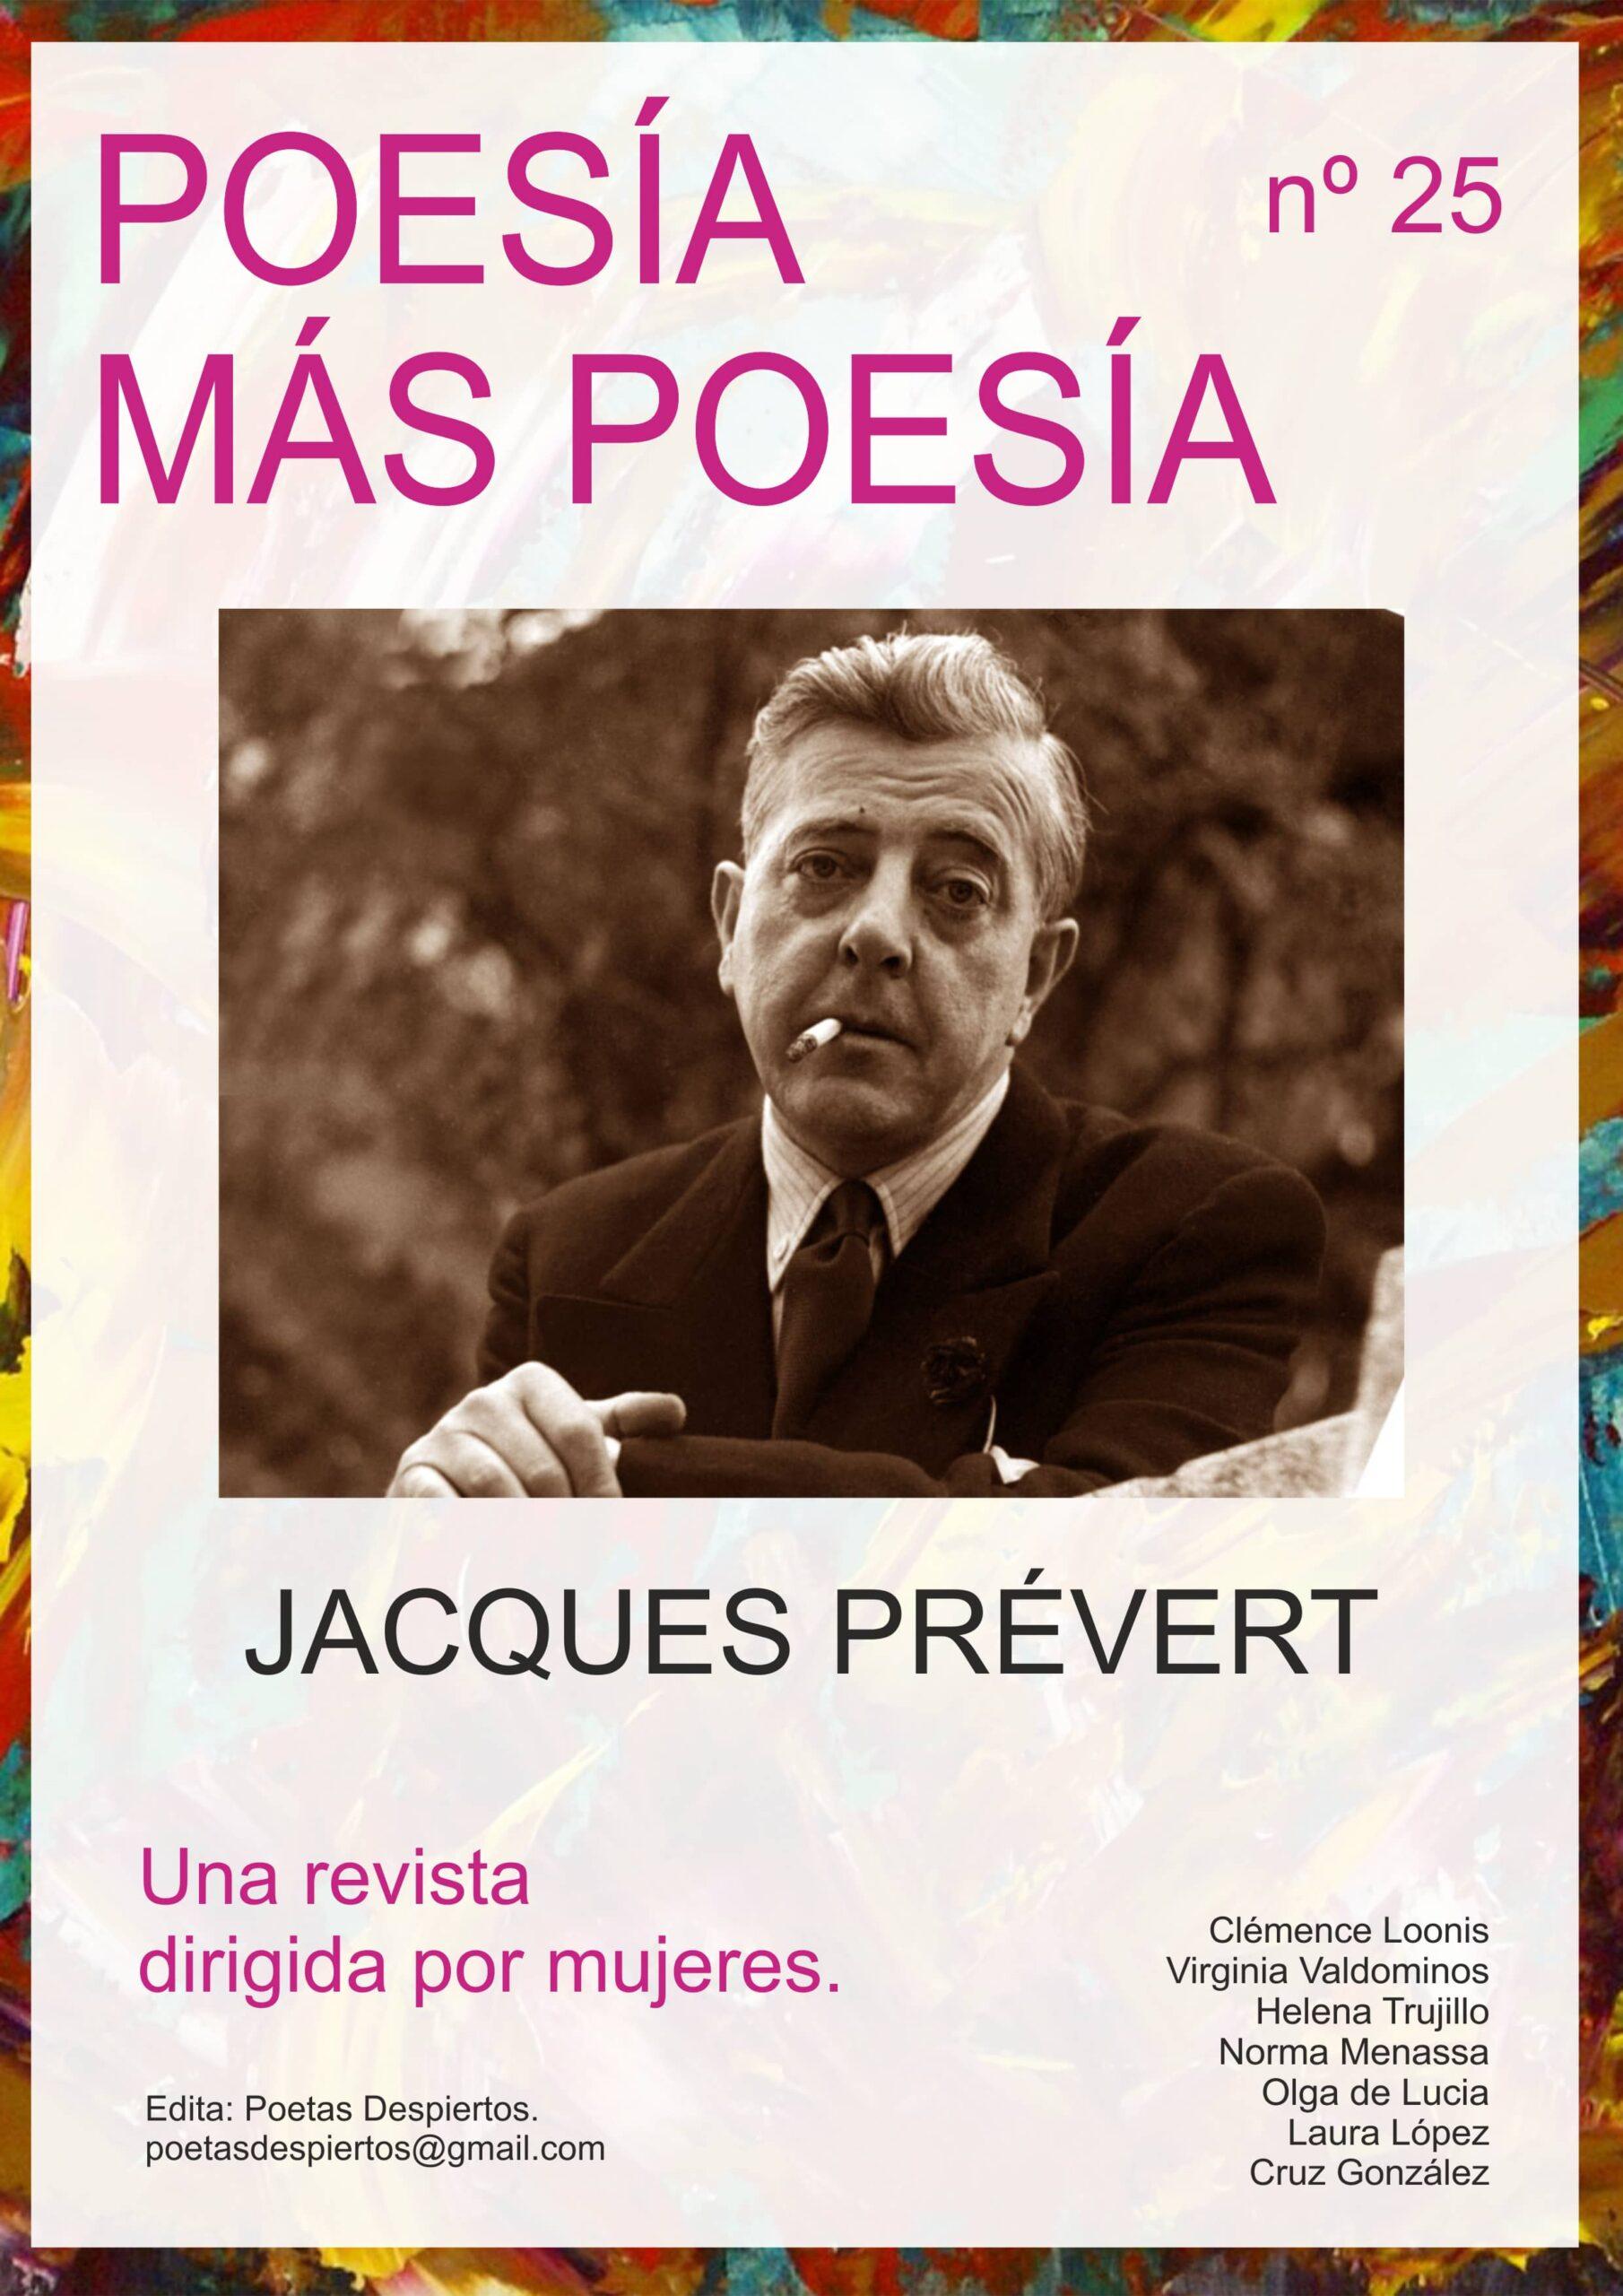 Revista de poesía dedicada al poeta francés Jacques Prévert y al poeta español Hernán Kozak.